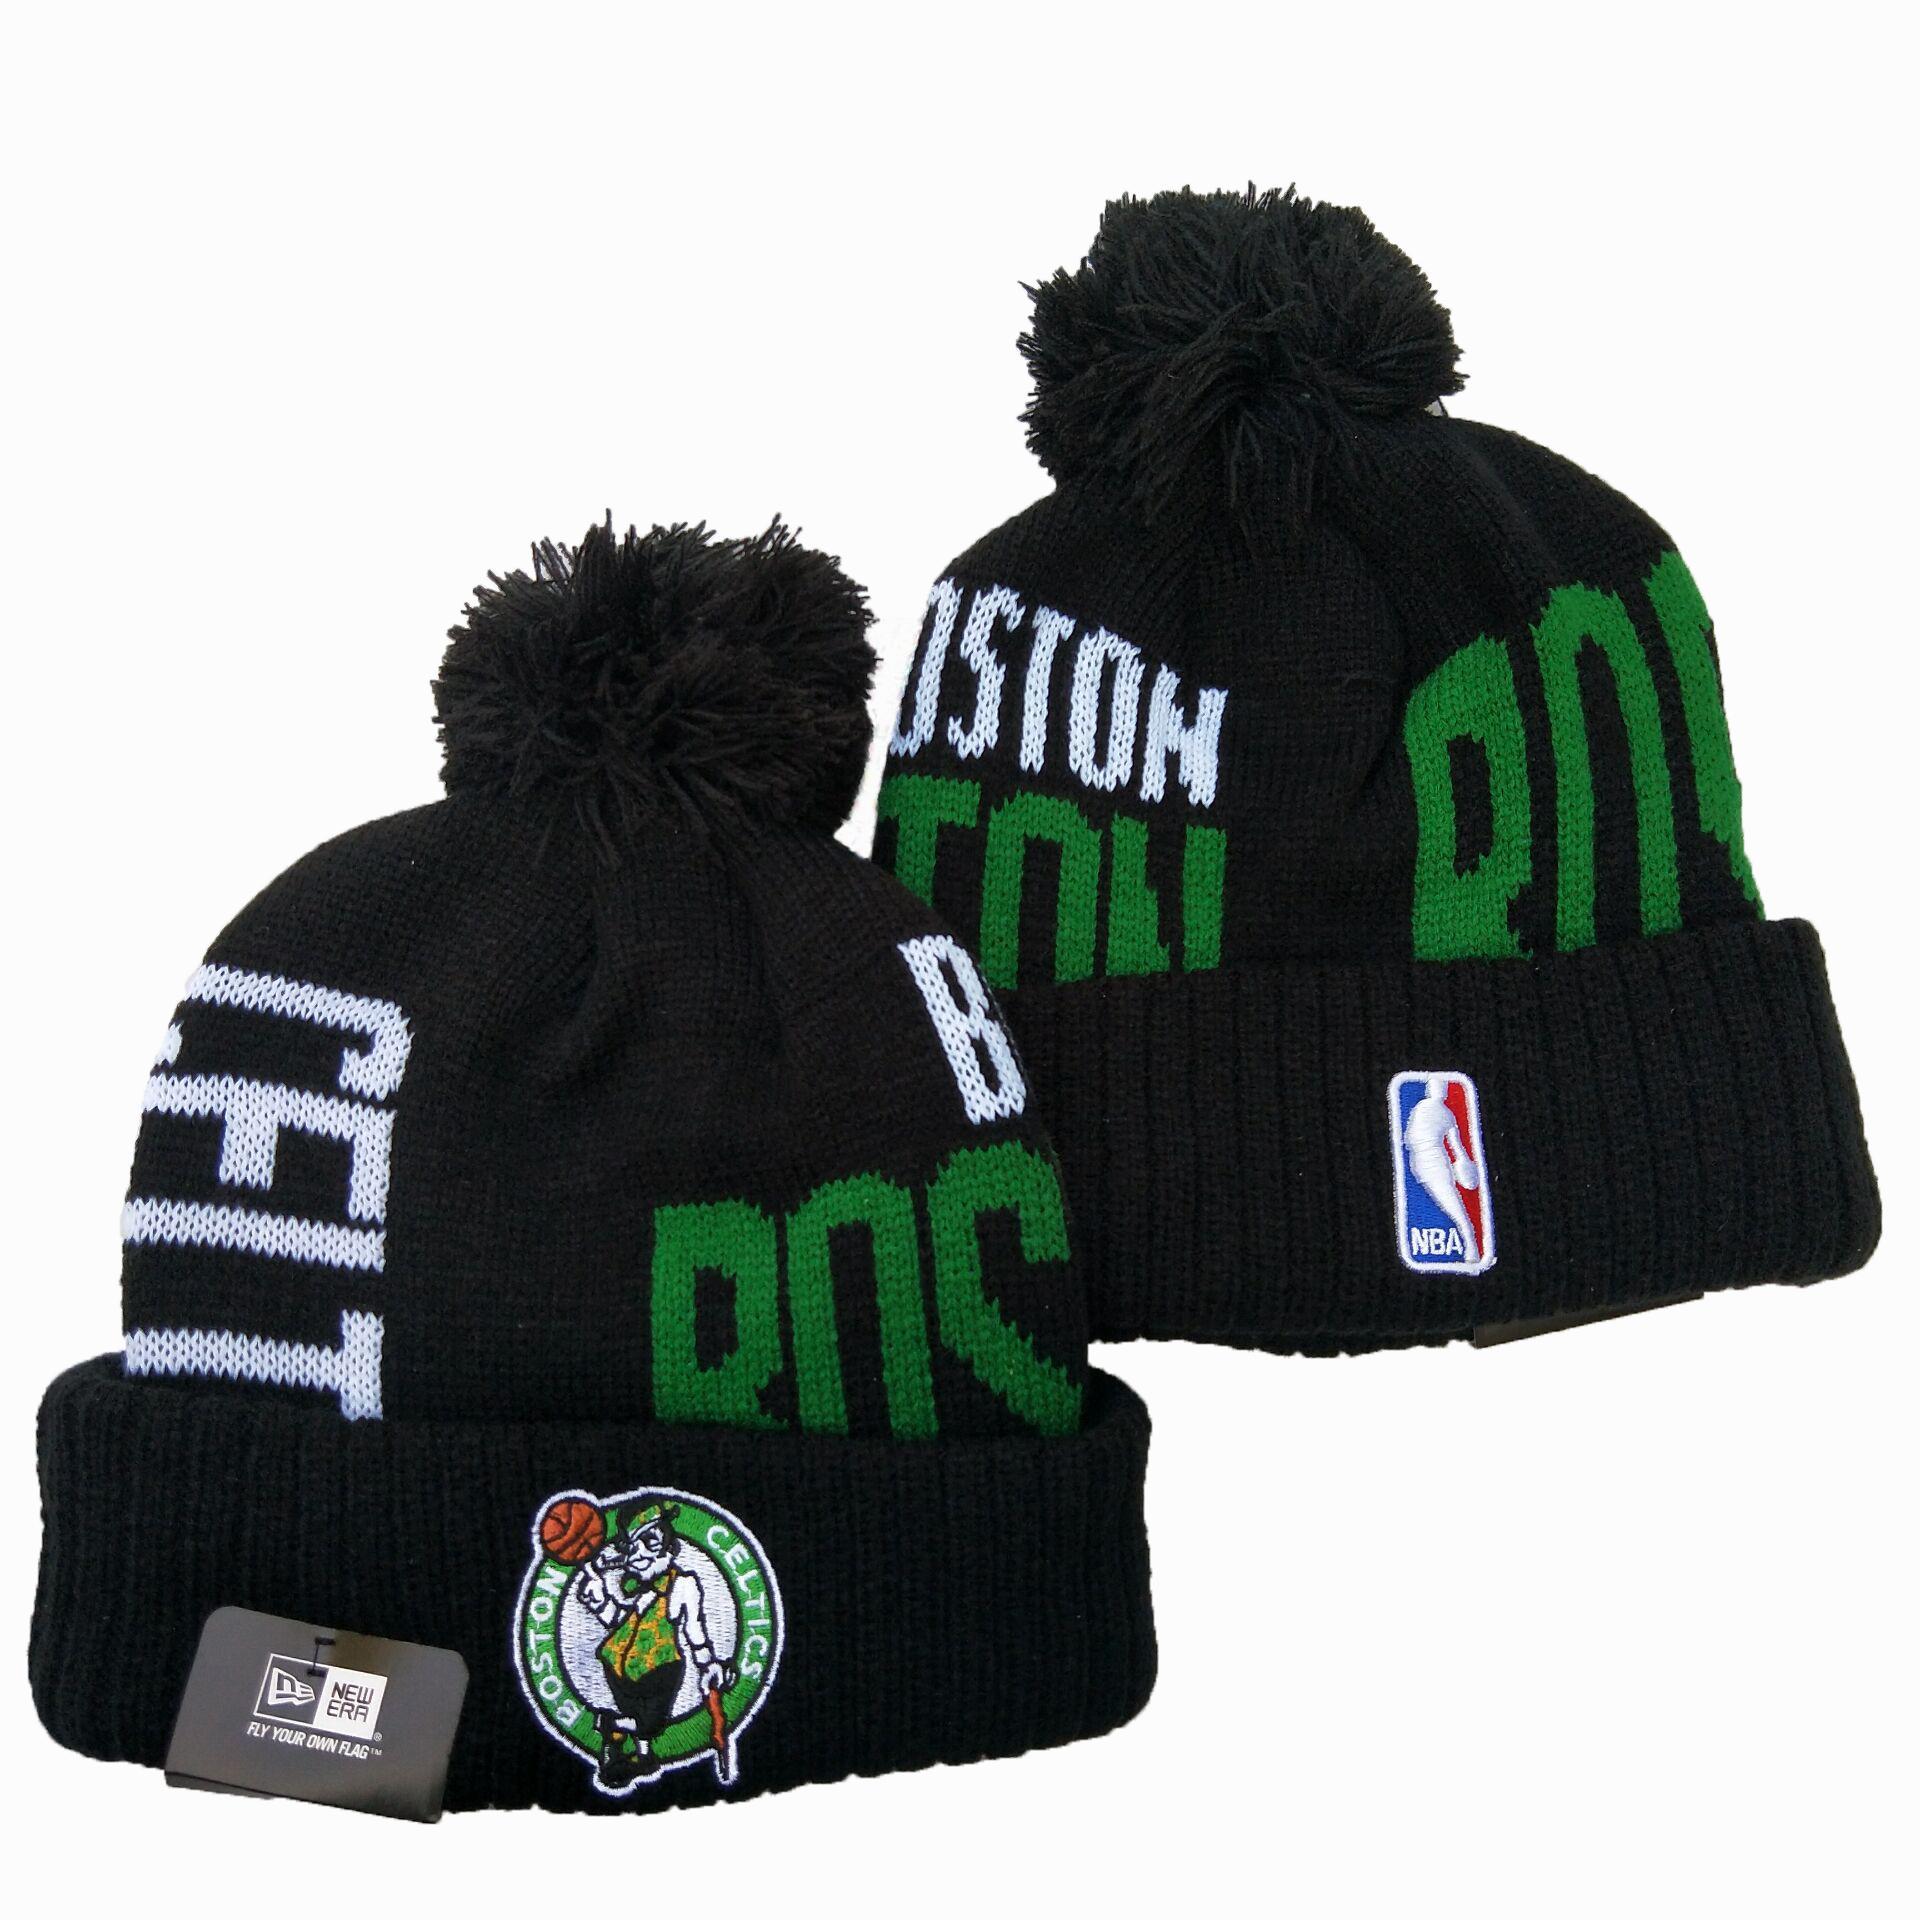 Celtics Team Logo Black Wordmark Cuffed Pom Knit Hat YD